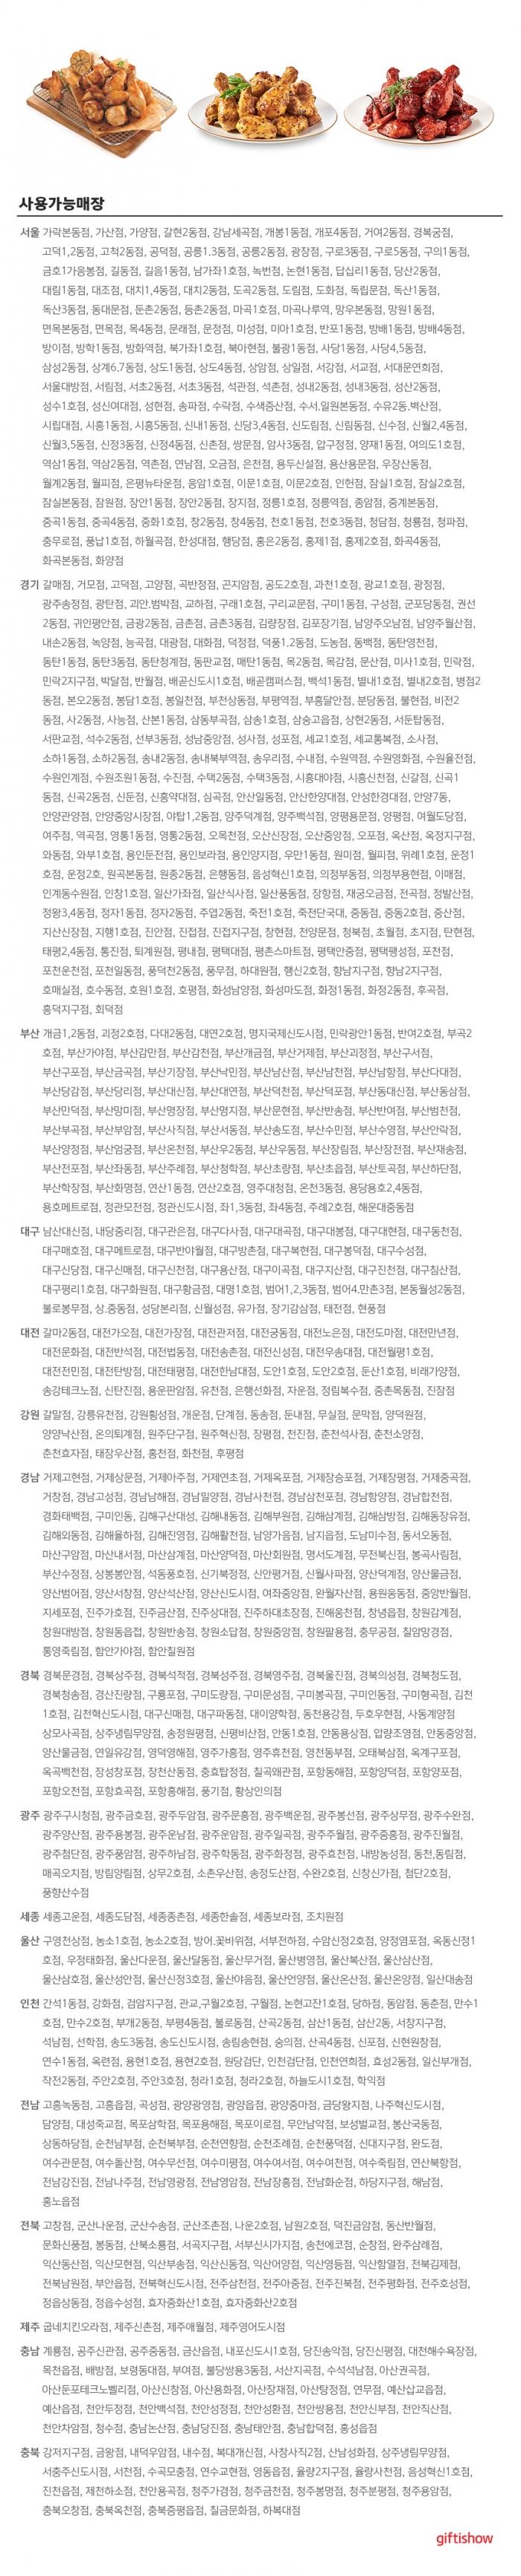 이베이_굽네치킨 상품설명 (1).jpg